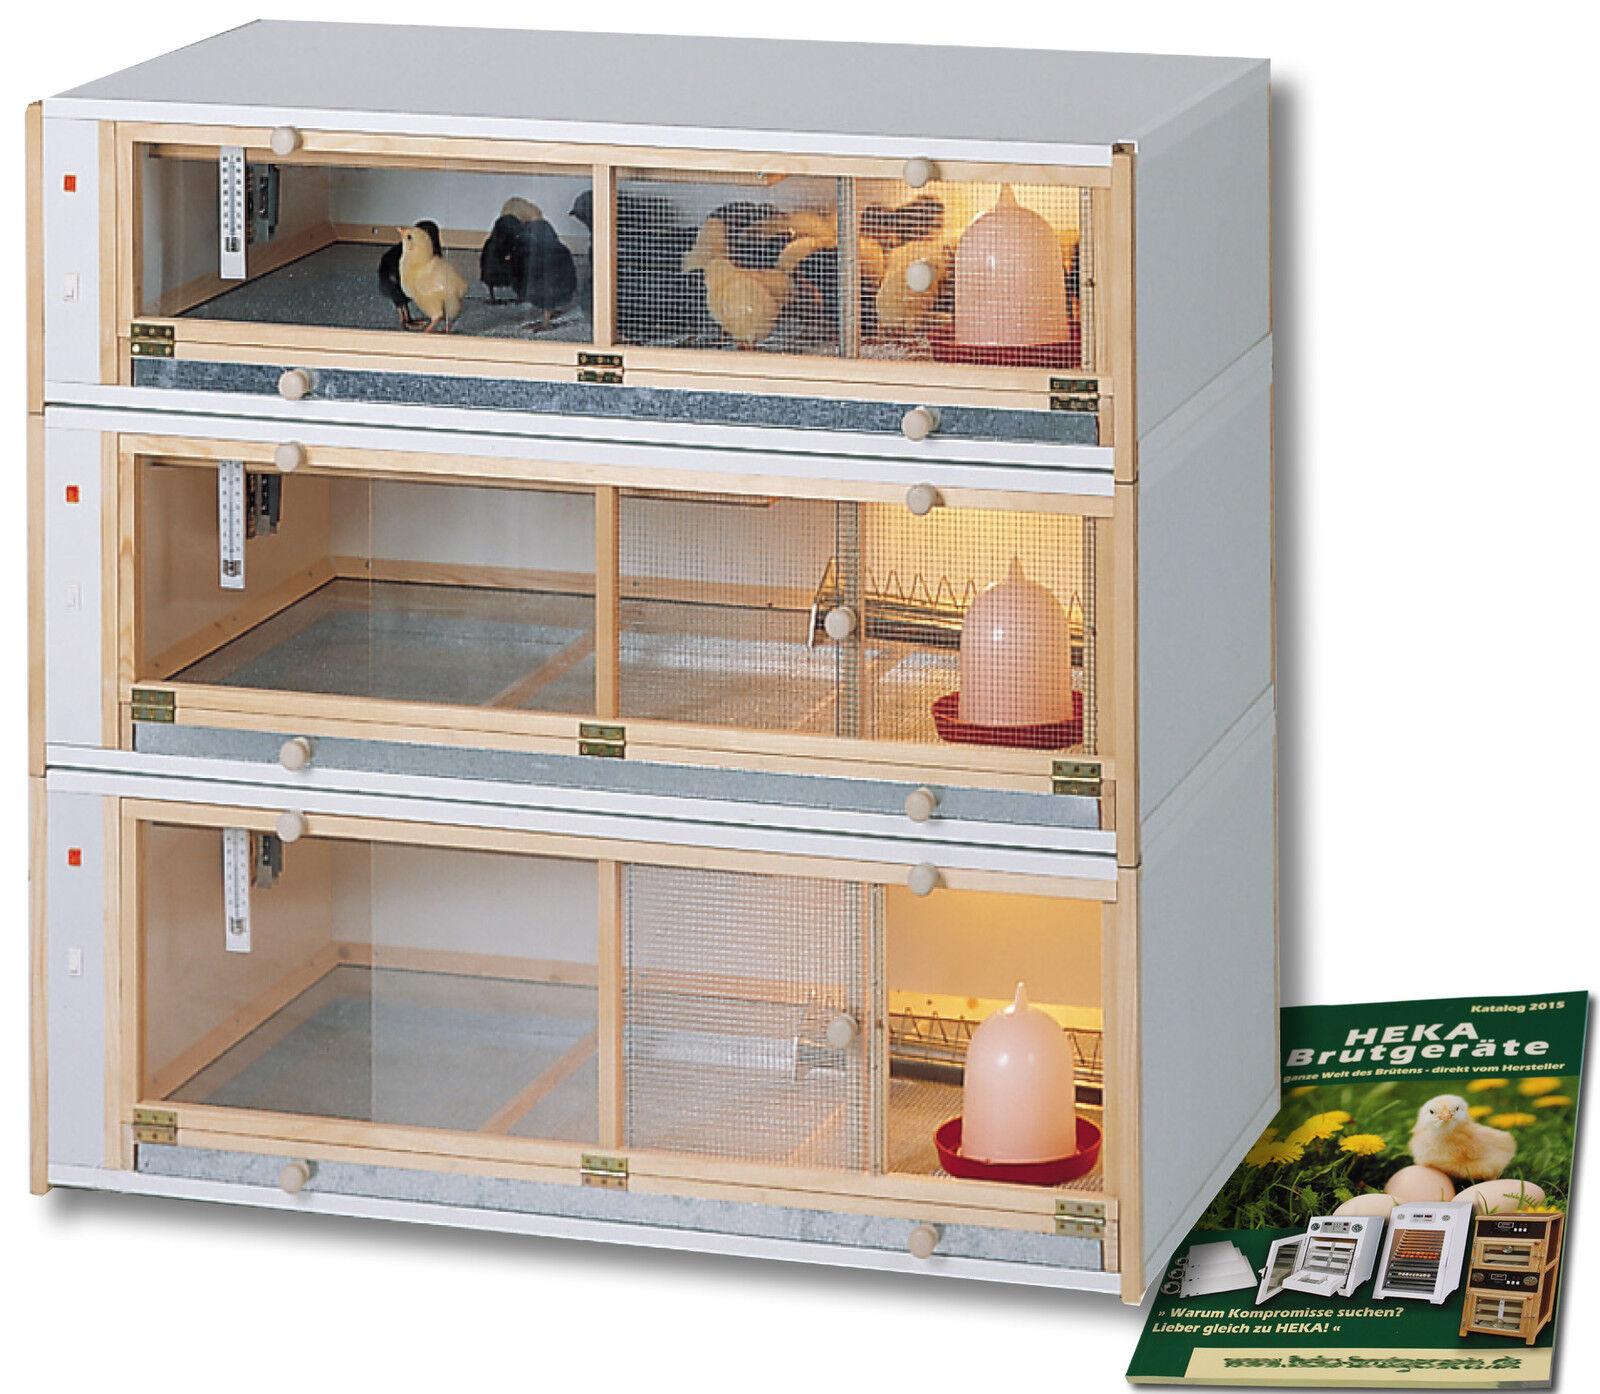 HEKAKükenAufzuchtboxKombination 100x50x100cm 3 Abteile @@@HEKA: Art. 4001D